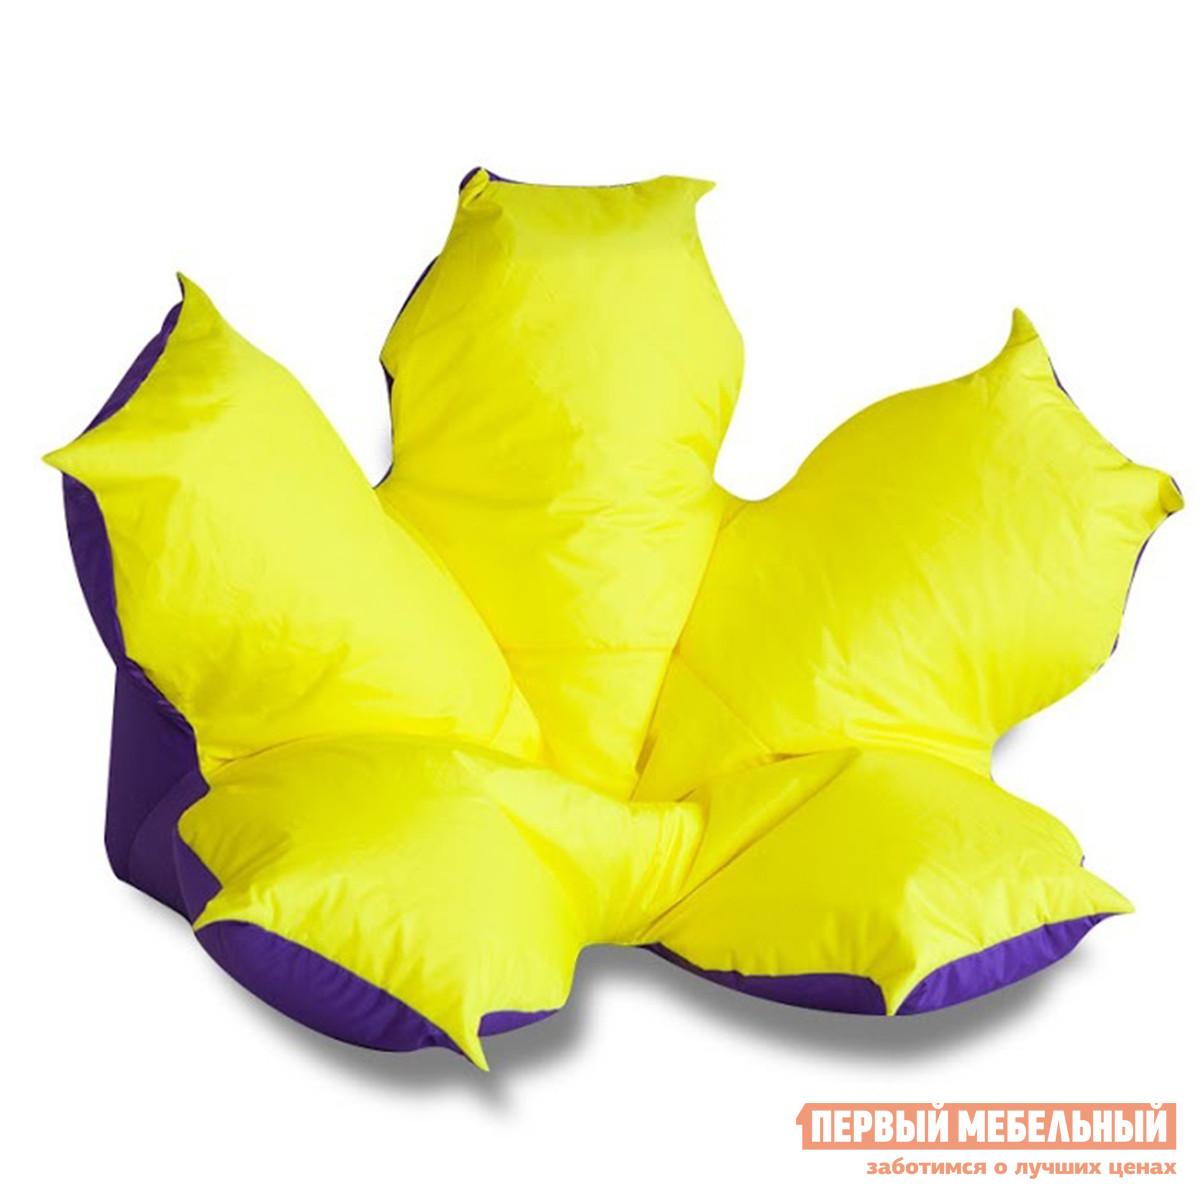 Кресло-цветок DreamBag Цветок желто фиолетовый кресло мешок dreambag цветок желто фиолетовый оксфорд